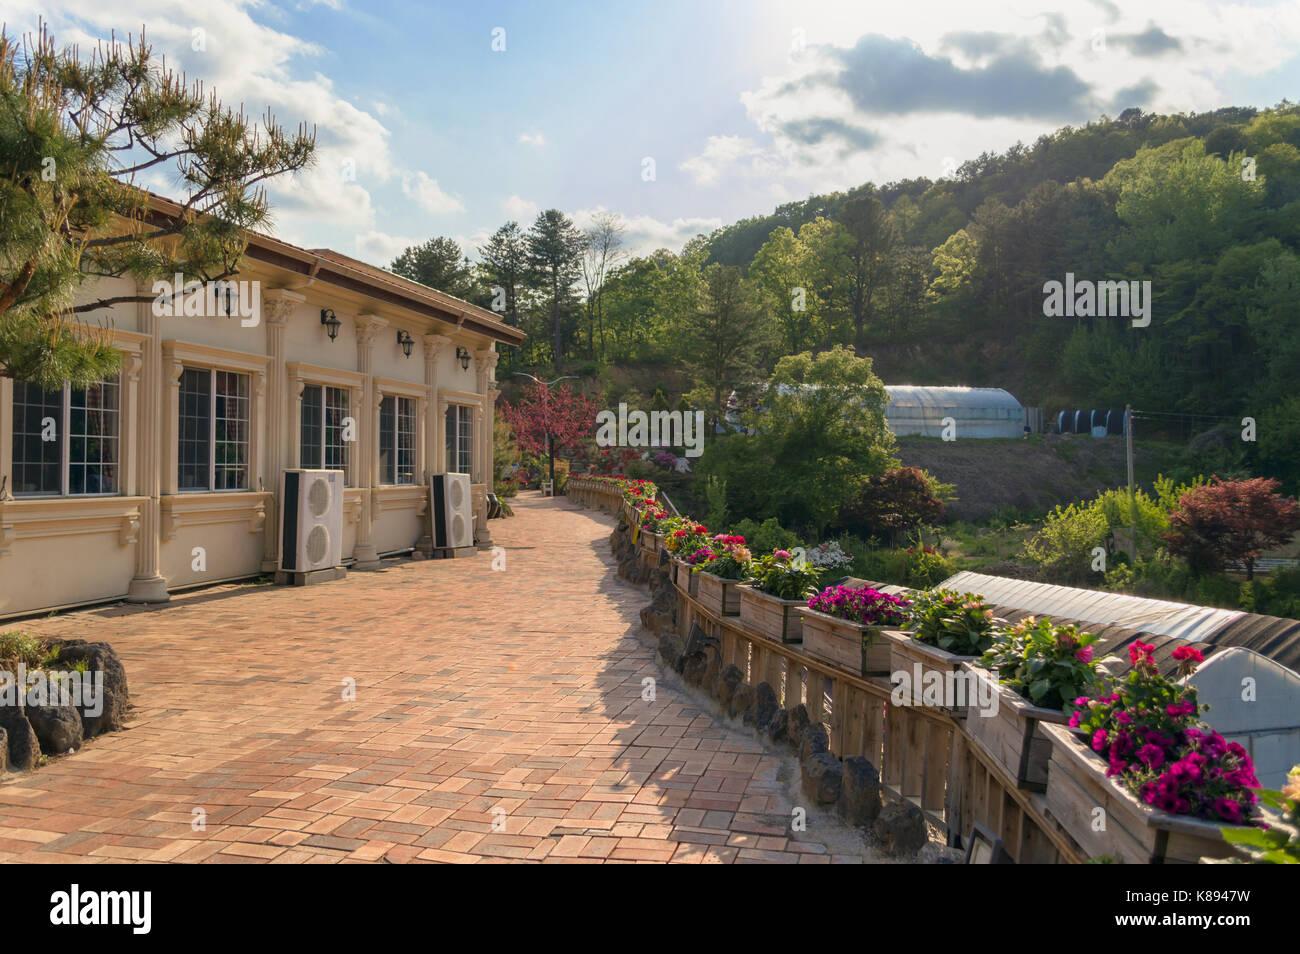 Terrazza con aiuole di fiori Foto & Immagine Stock: 160011485 - Alamy